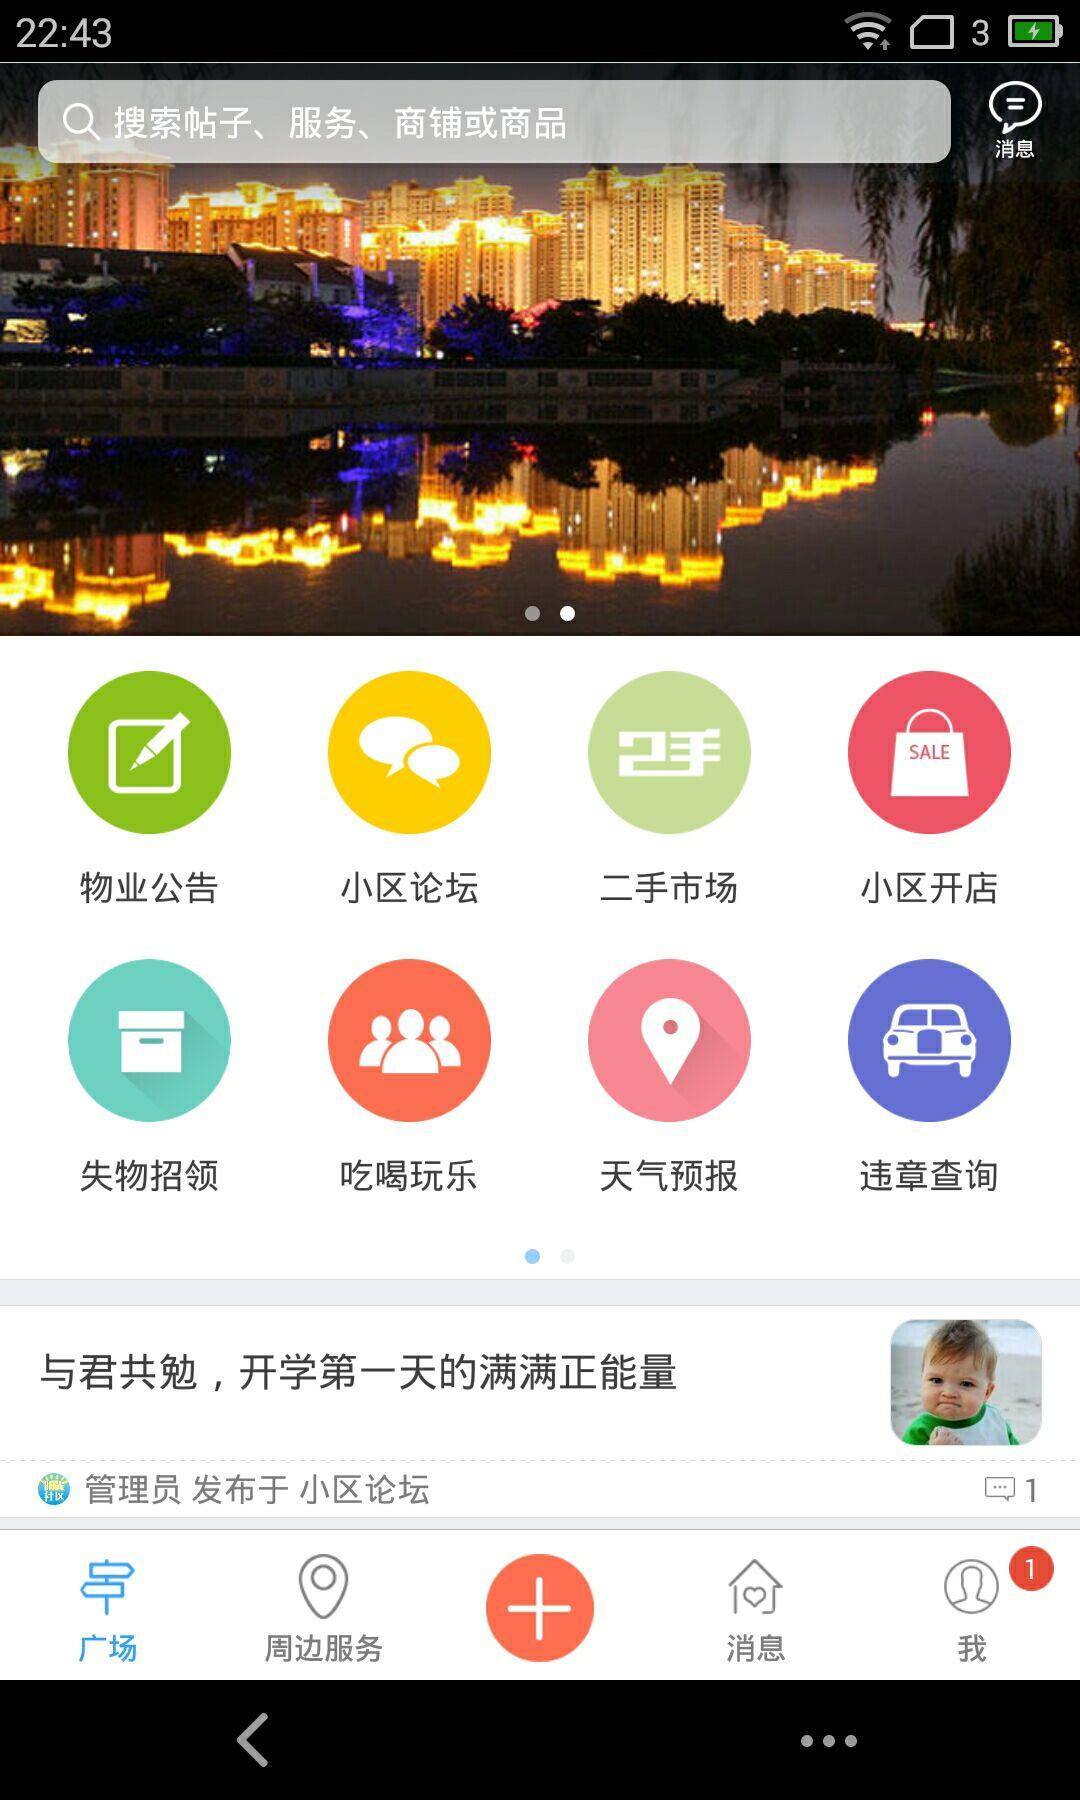 溧阳阳光社区 v1.3.160825  安卓版界面图2